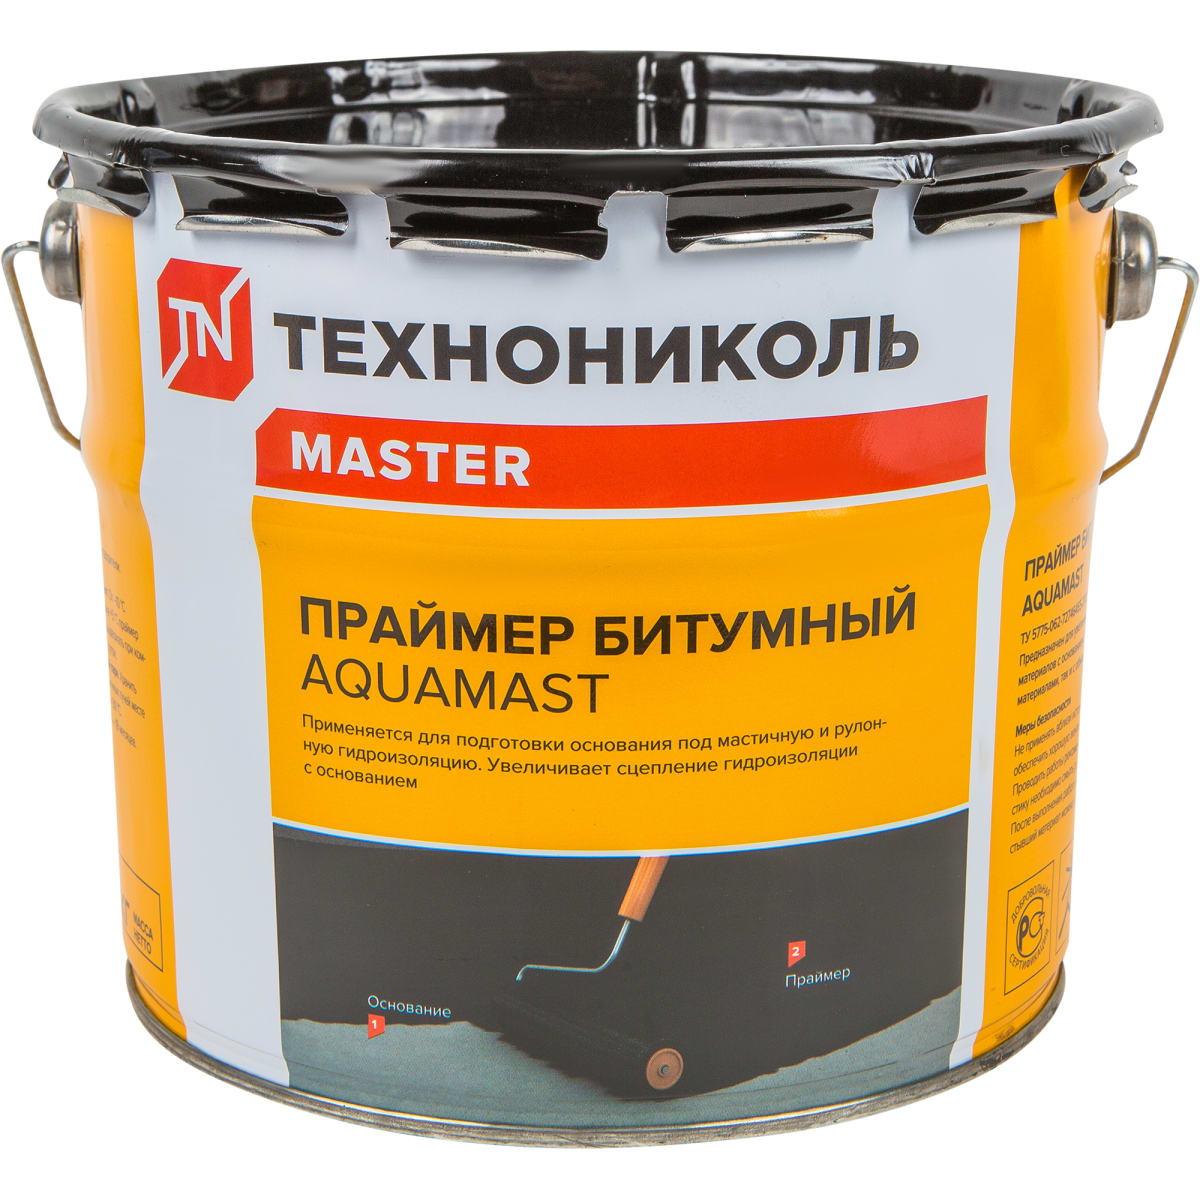 Битумный праймер для бетона купить цвет серый бетон